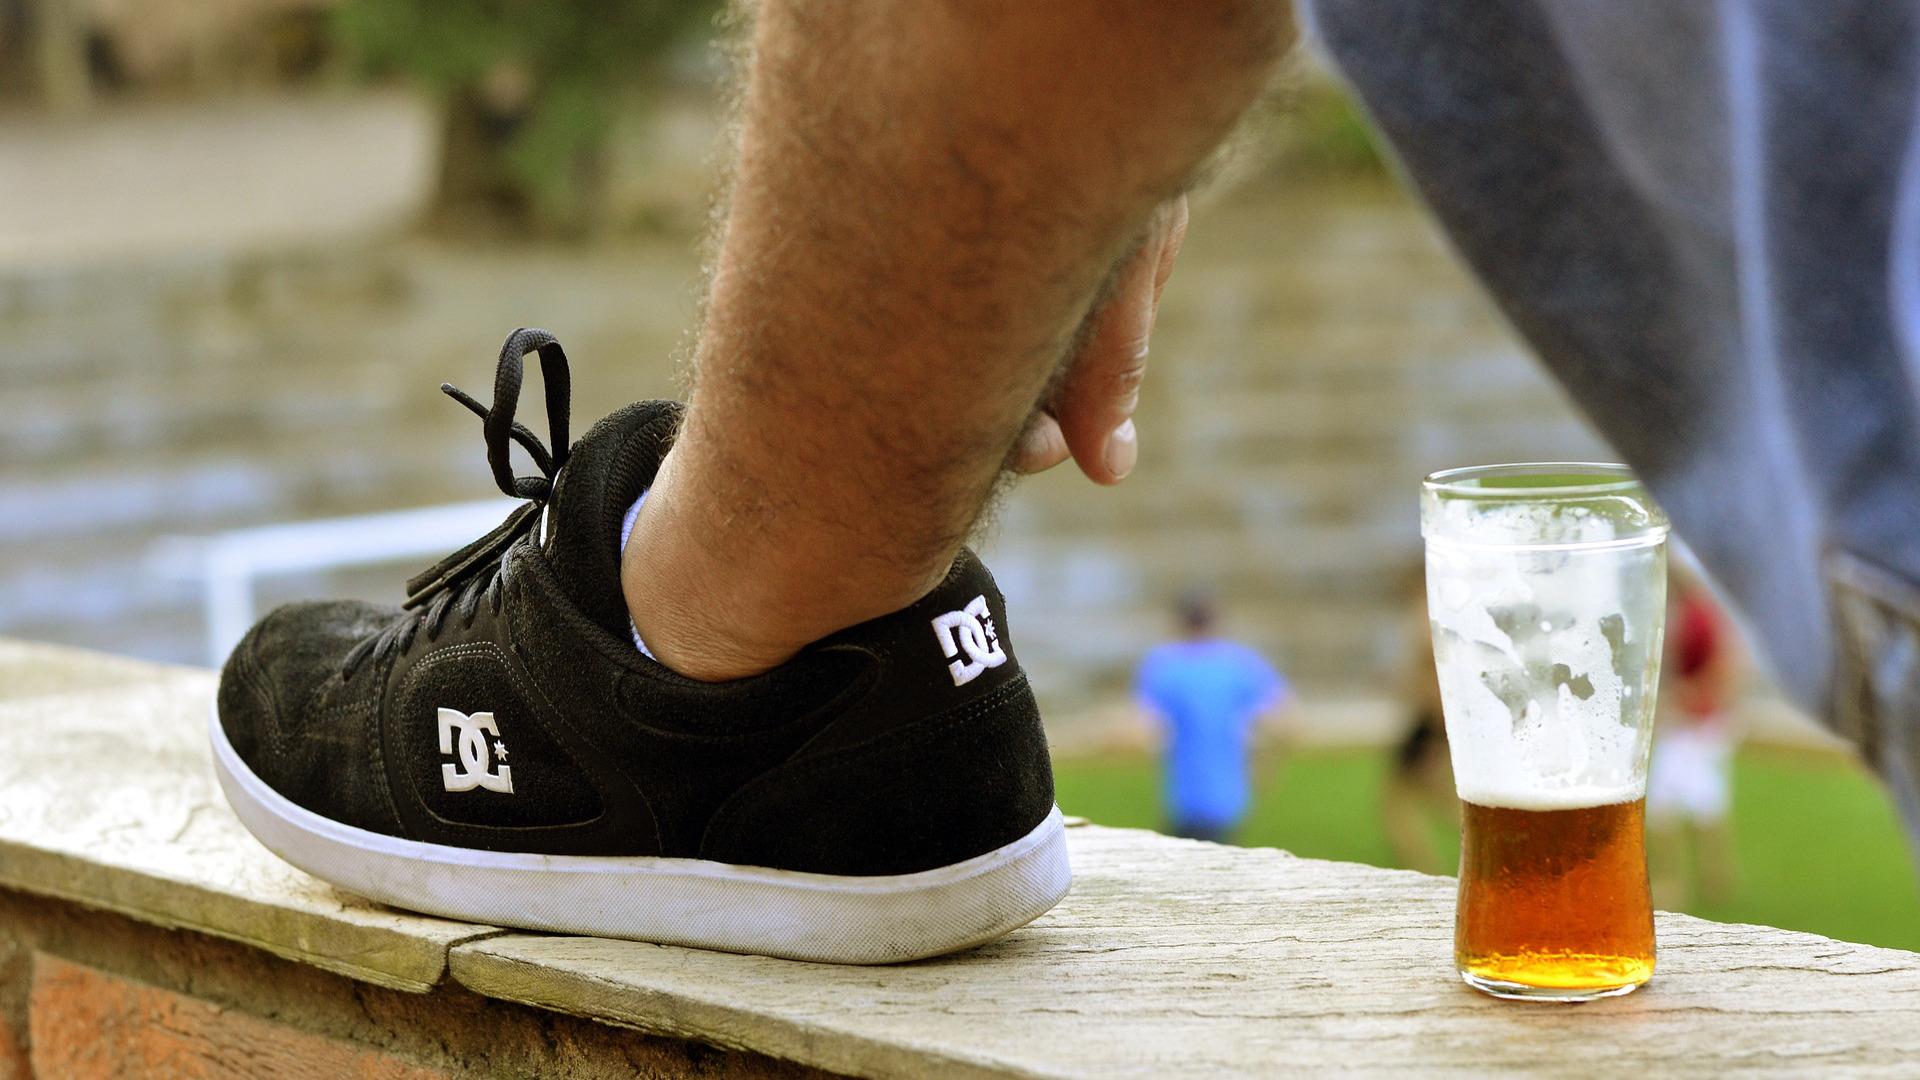 cerveza-bebida-estrella-en-hosteleria-durante-el-verano-1920